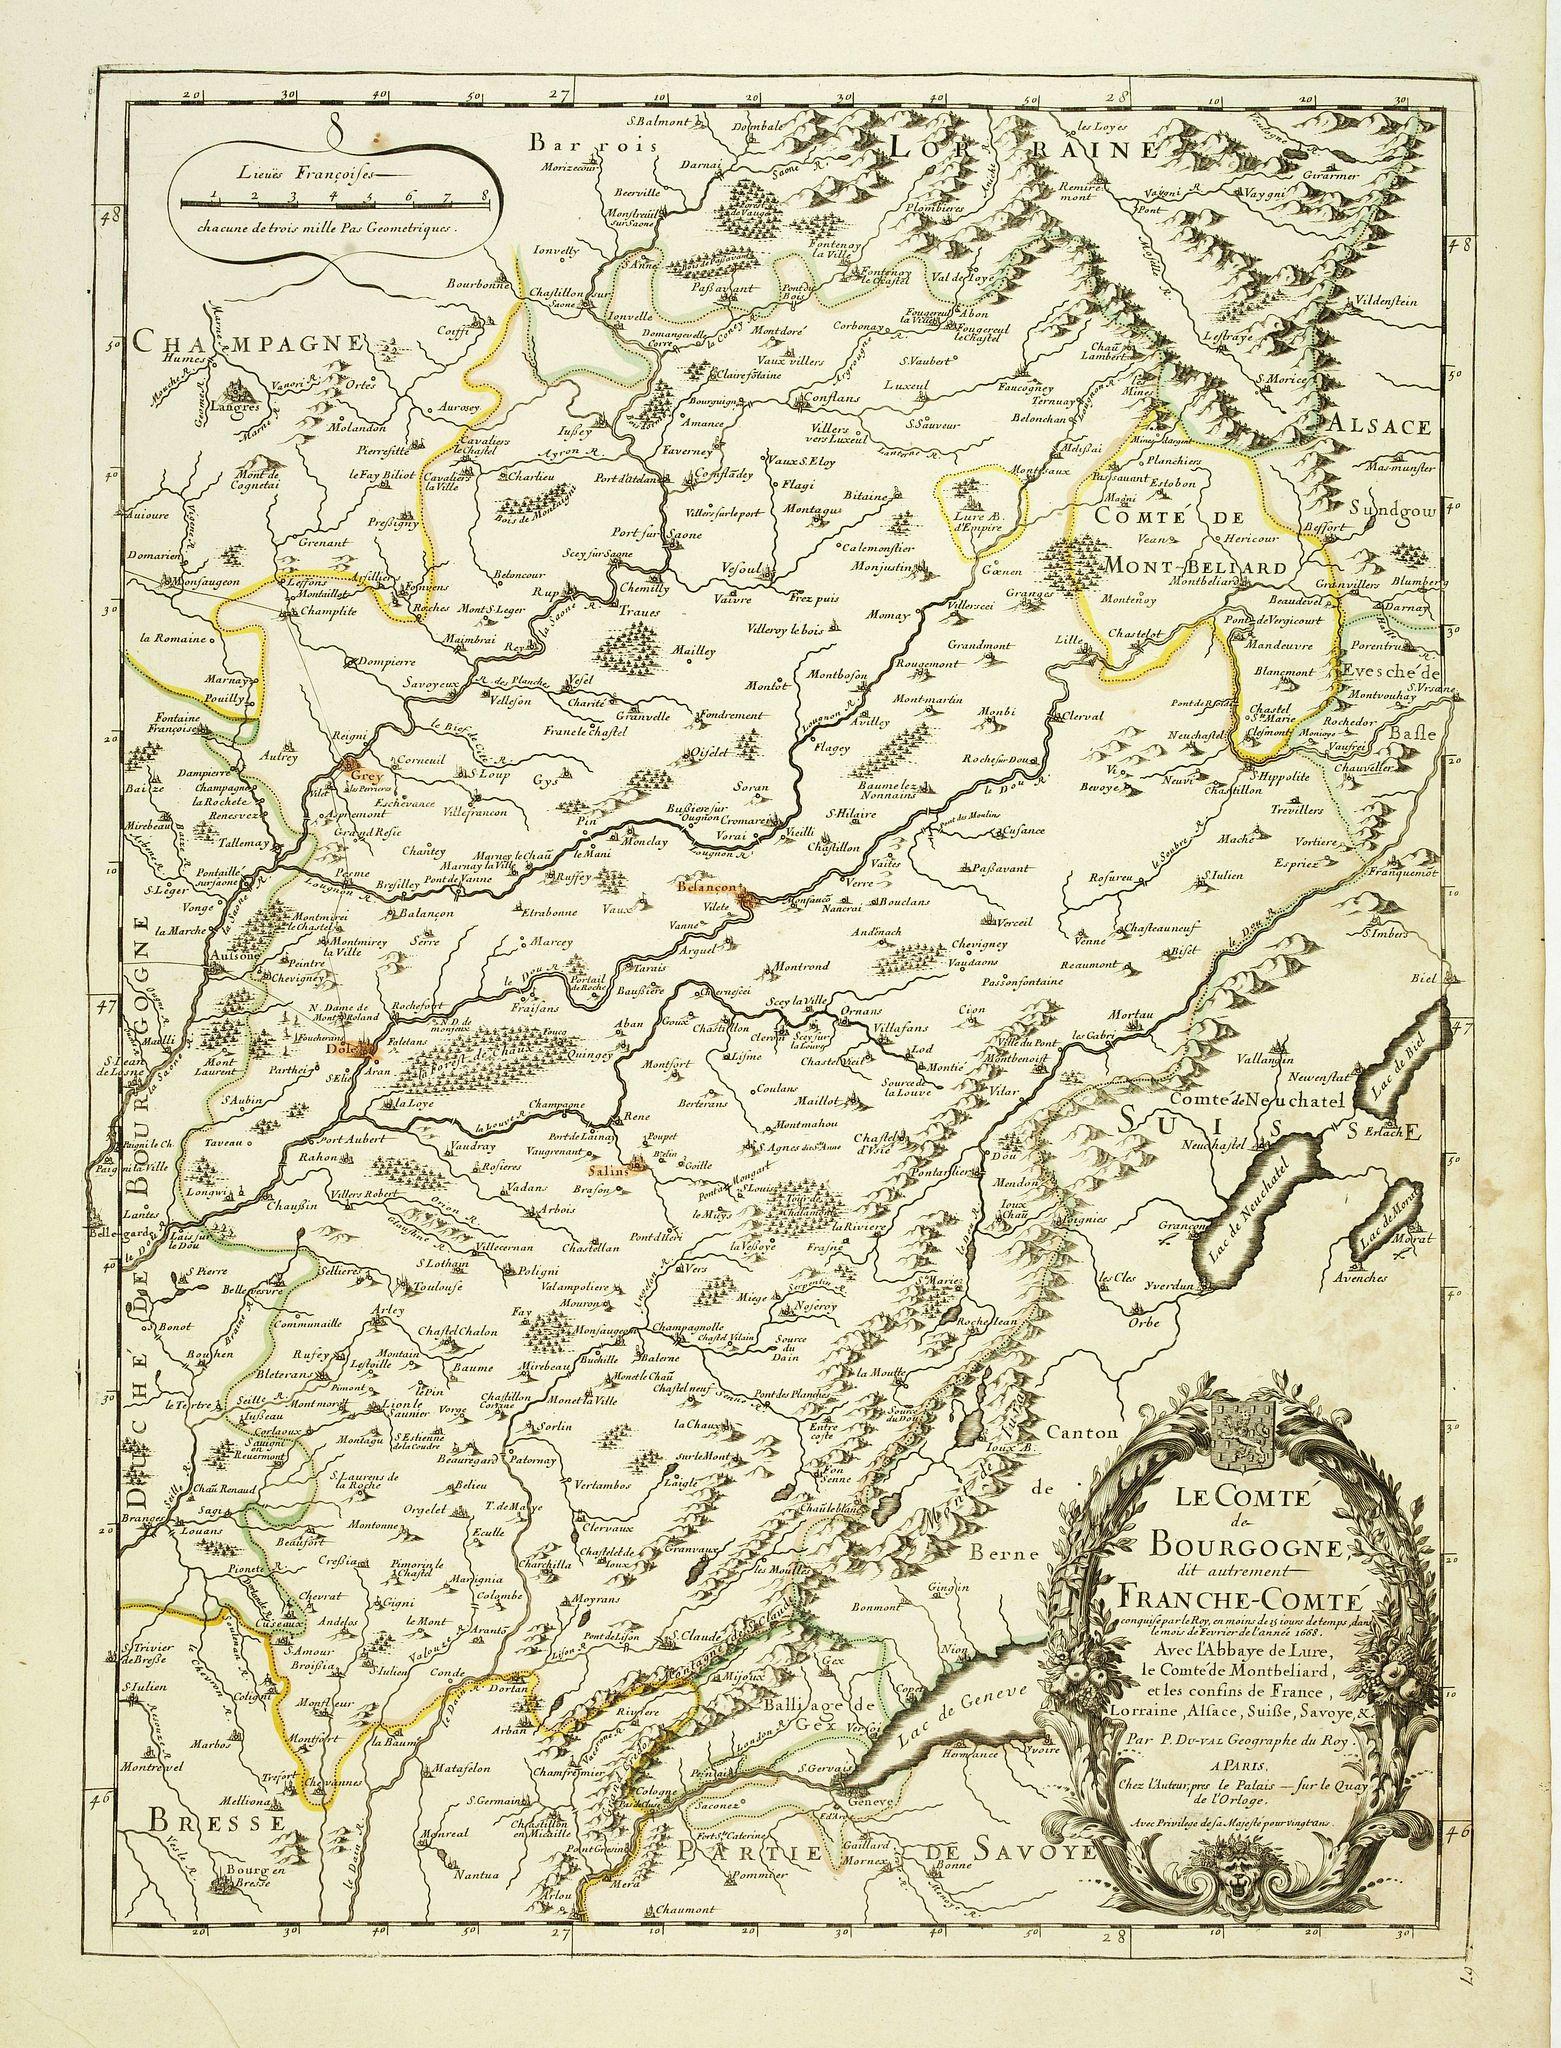 DU VAL, P. -  Le Comte de Bourgogne dit autrement Franche-Comte . . .